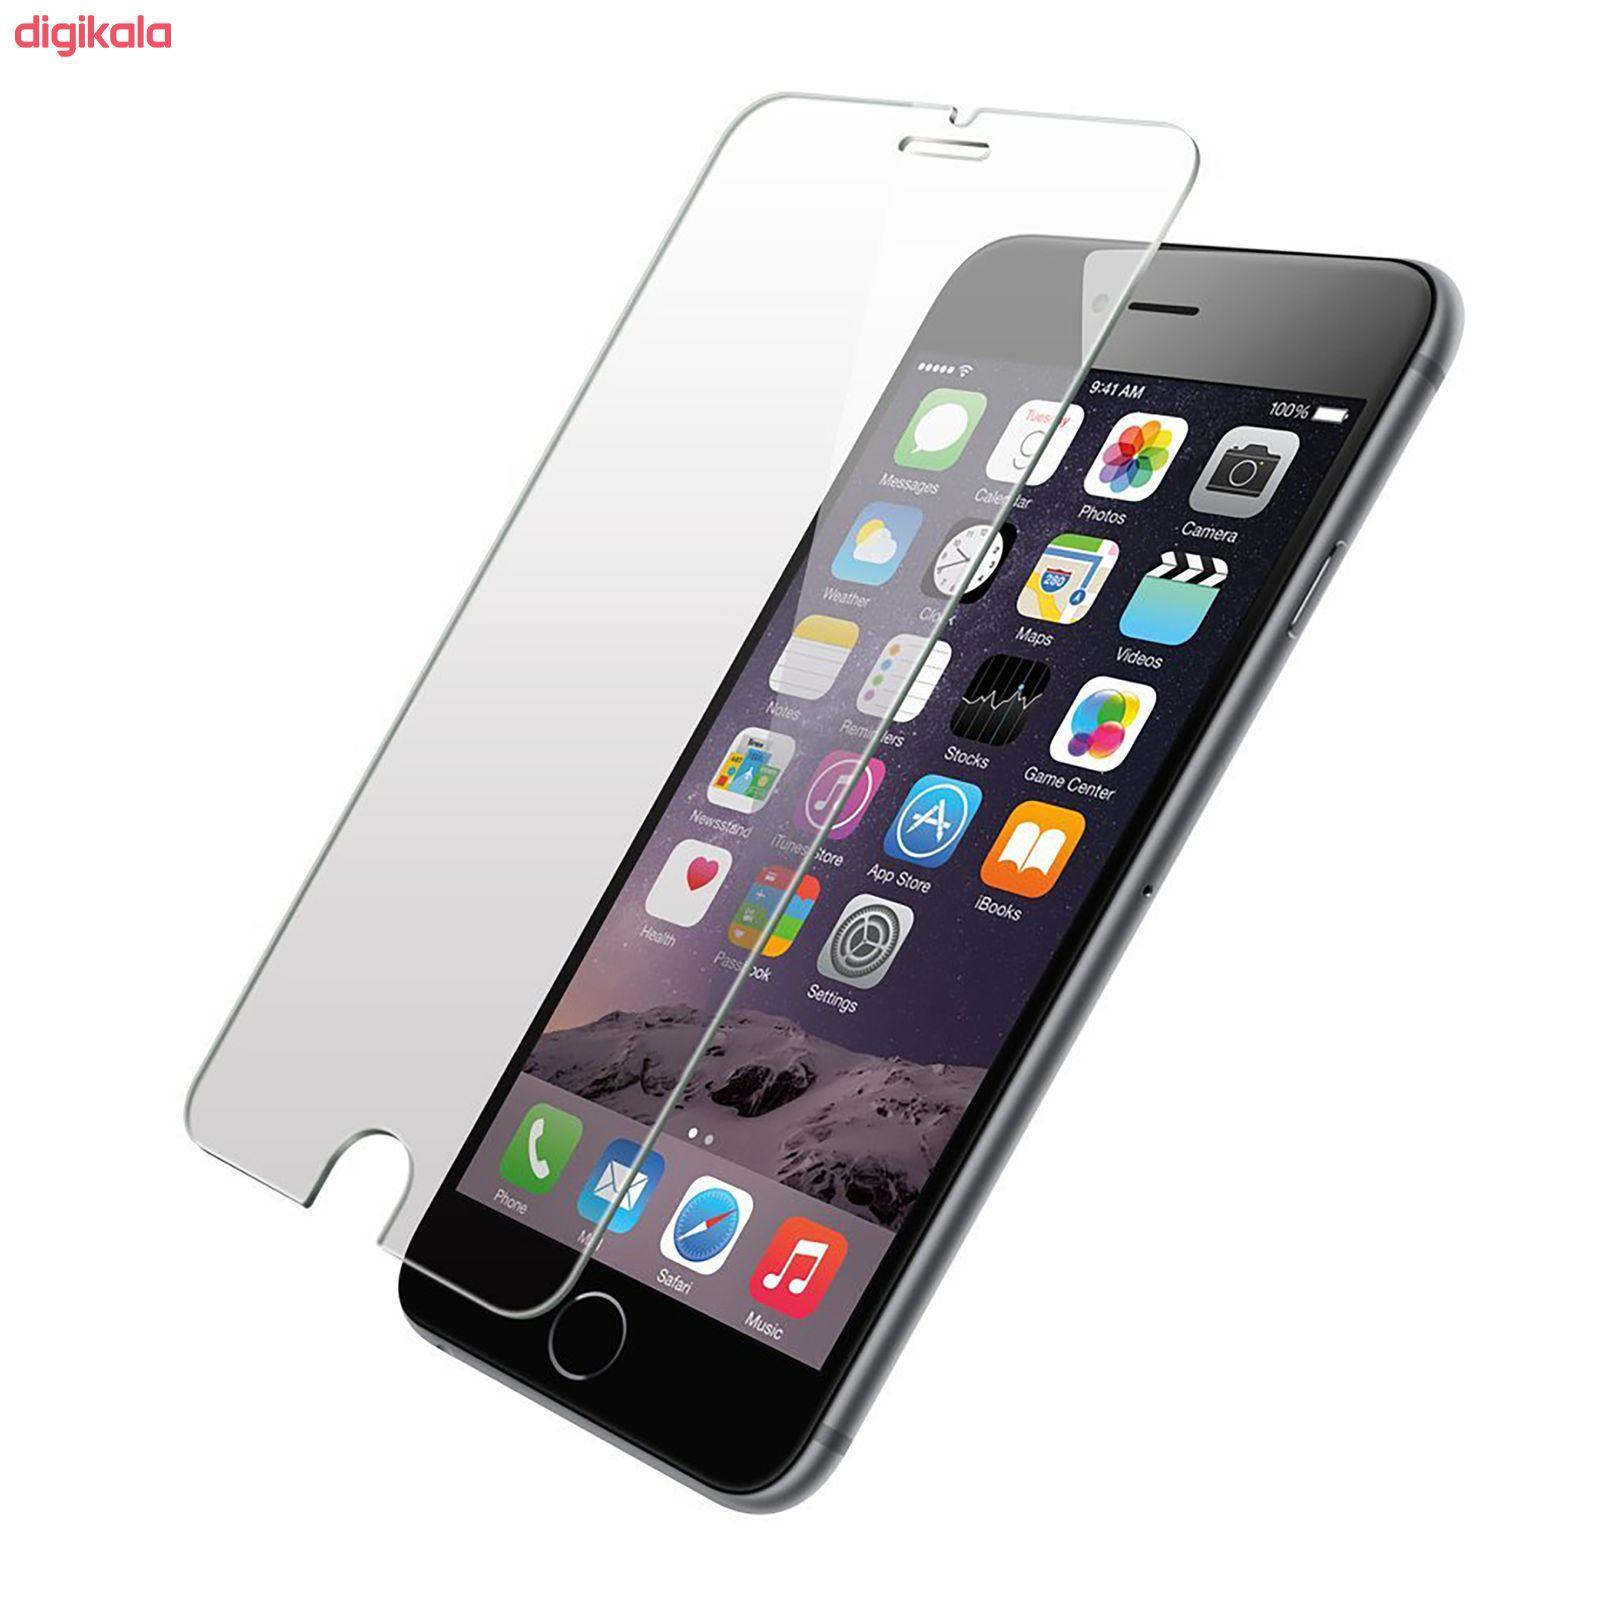 محافظ صفحه نمایش مدل IP678 مناسب برای گوشی موبایل اپل Iphone 6/7/8/SE2 main 1 1